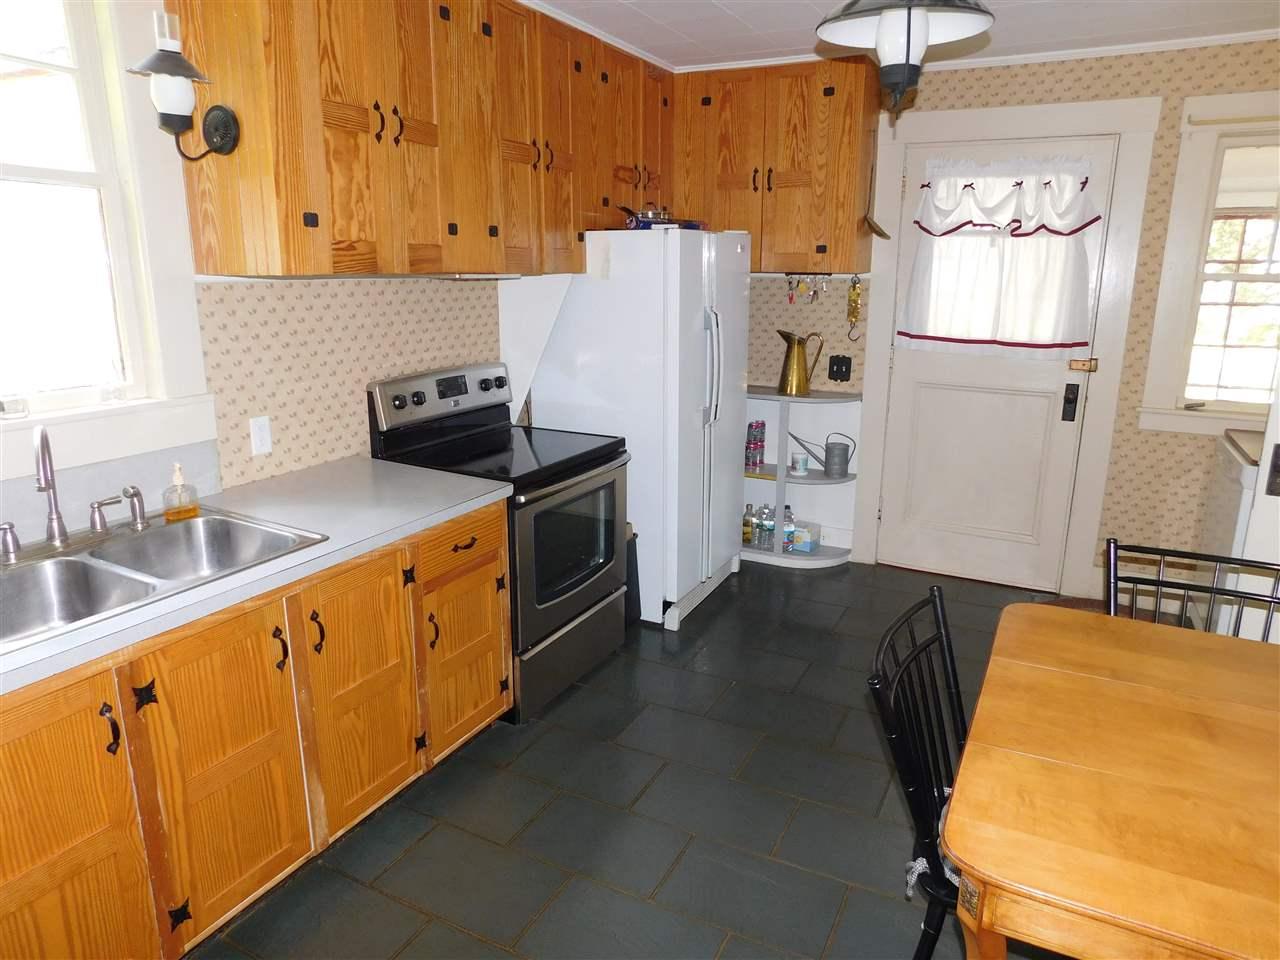 Spacious, Kitchen (13 x 16!) Modern appliances. 12114305